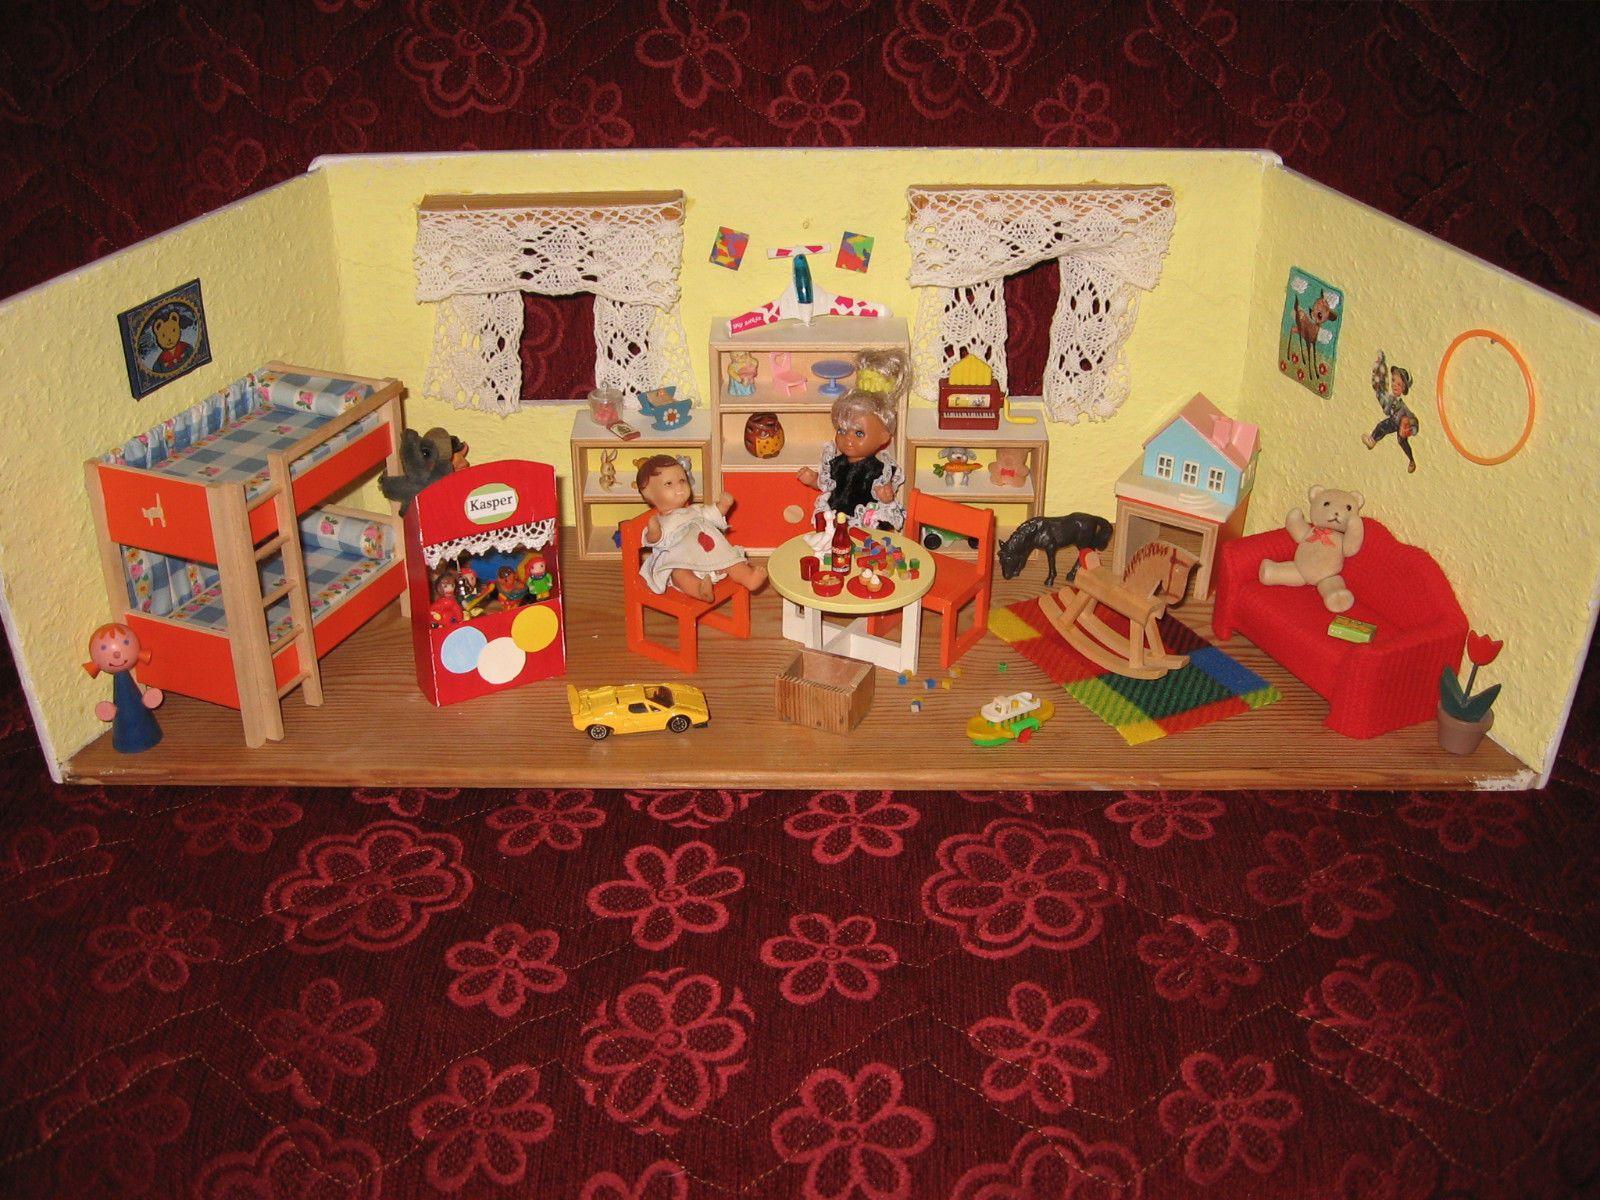 Kinderzimmer mit bodo hennig m bel puppenhaus - Kinderzimmermobel ebay ...